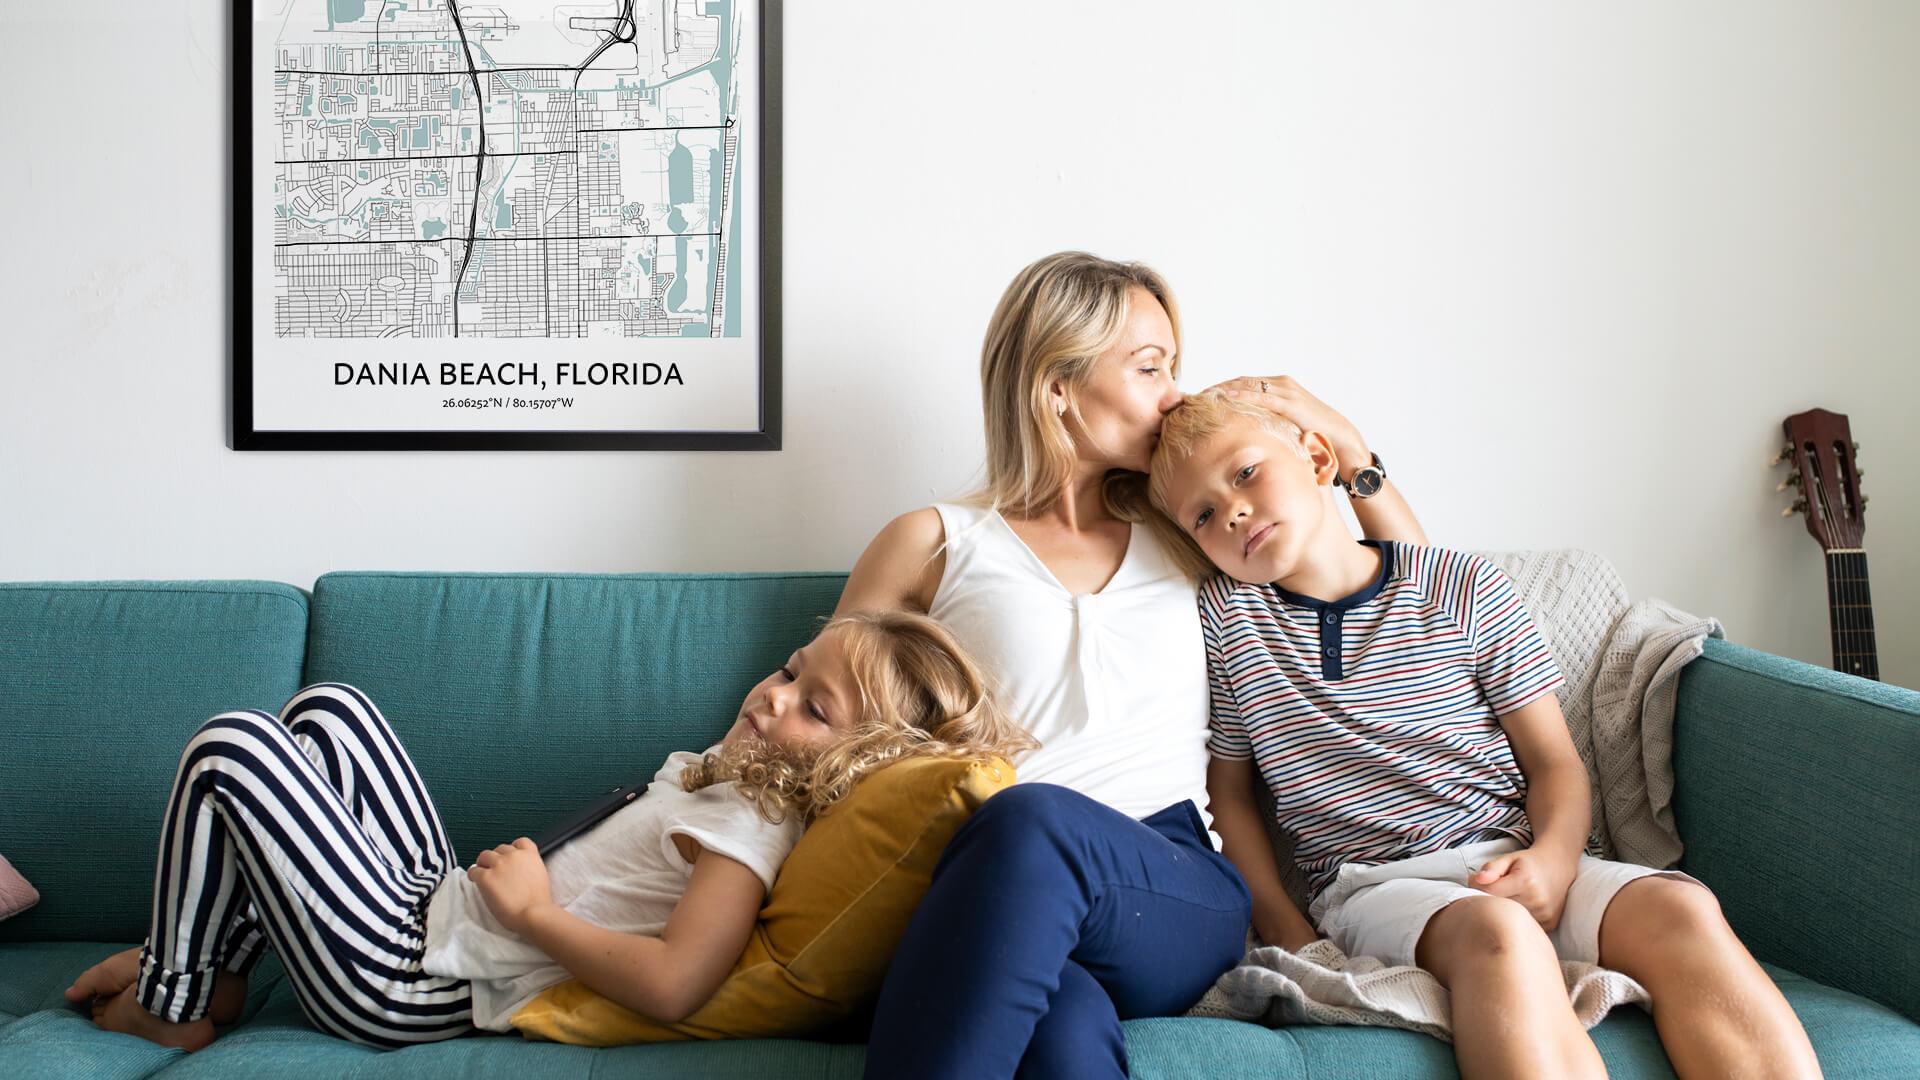 Dania Beach map poster